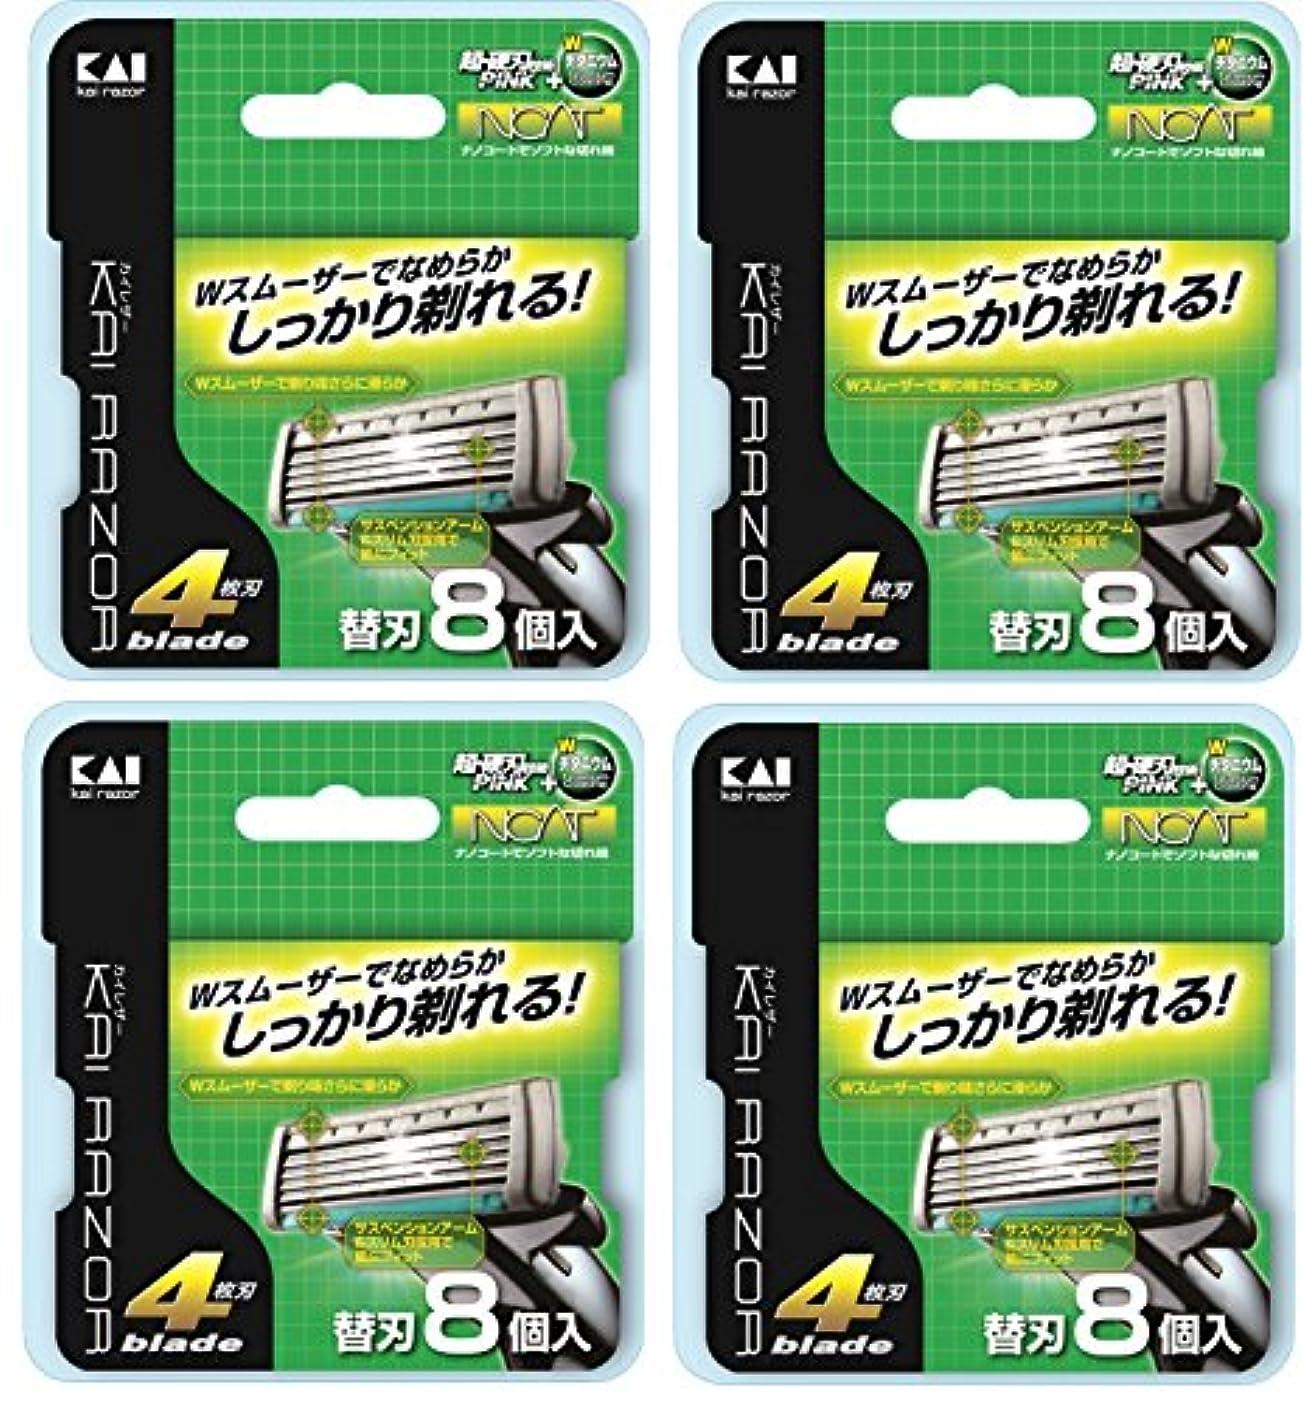 アナログ処方構造【まとめ買い】カイレザー 4枚刃 替刃8個入×4個